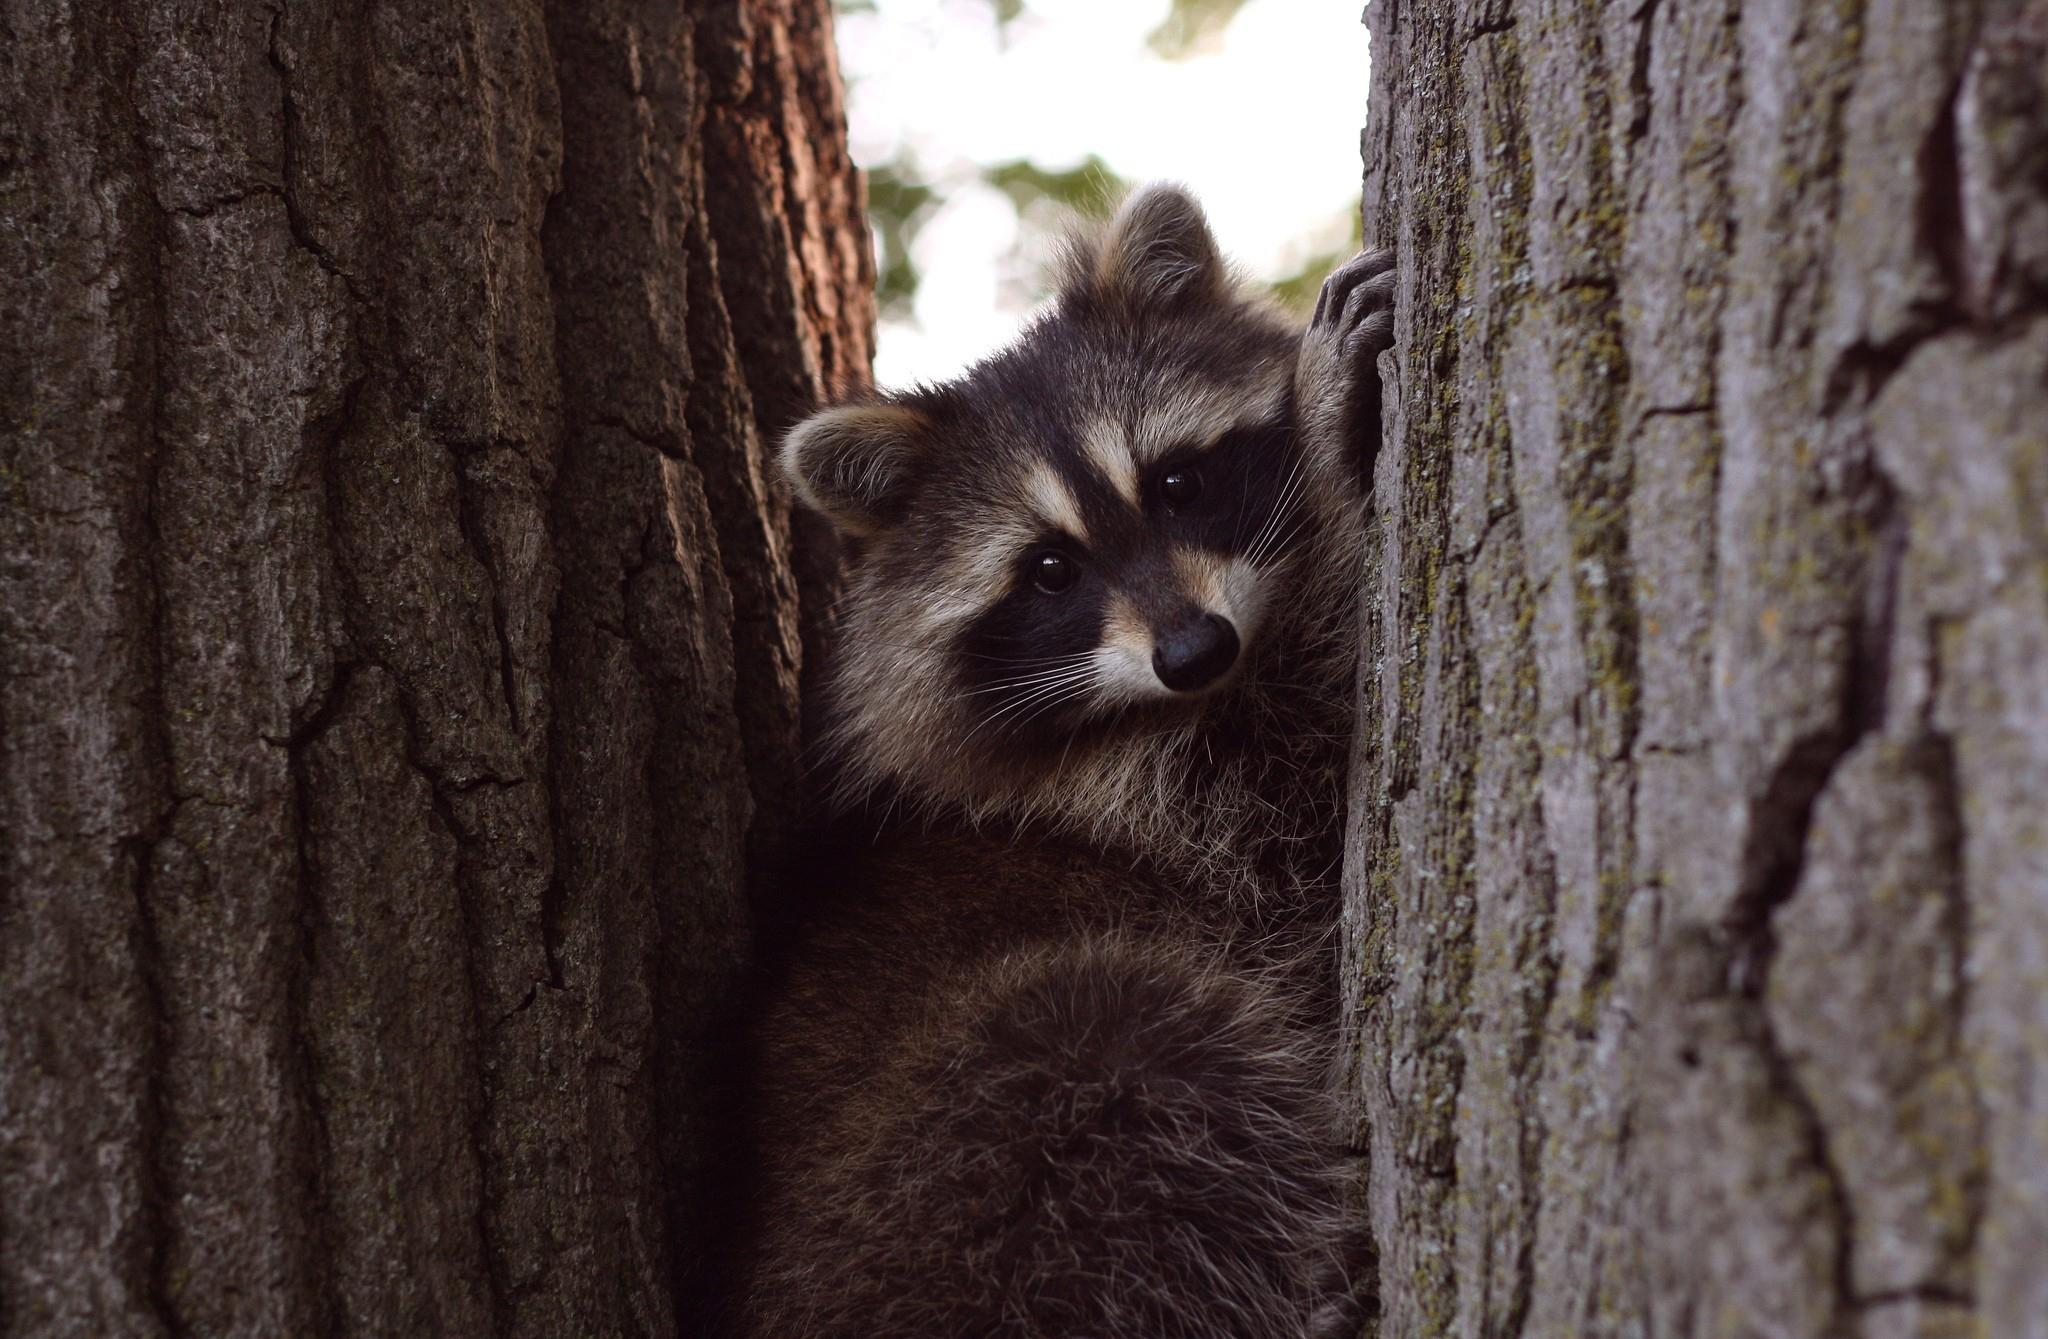 Raccoon 4k